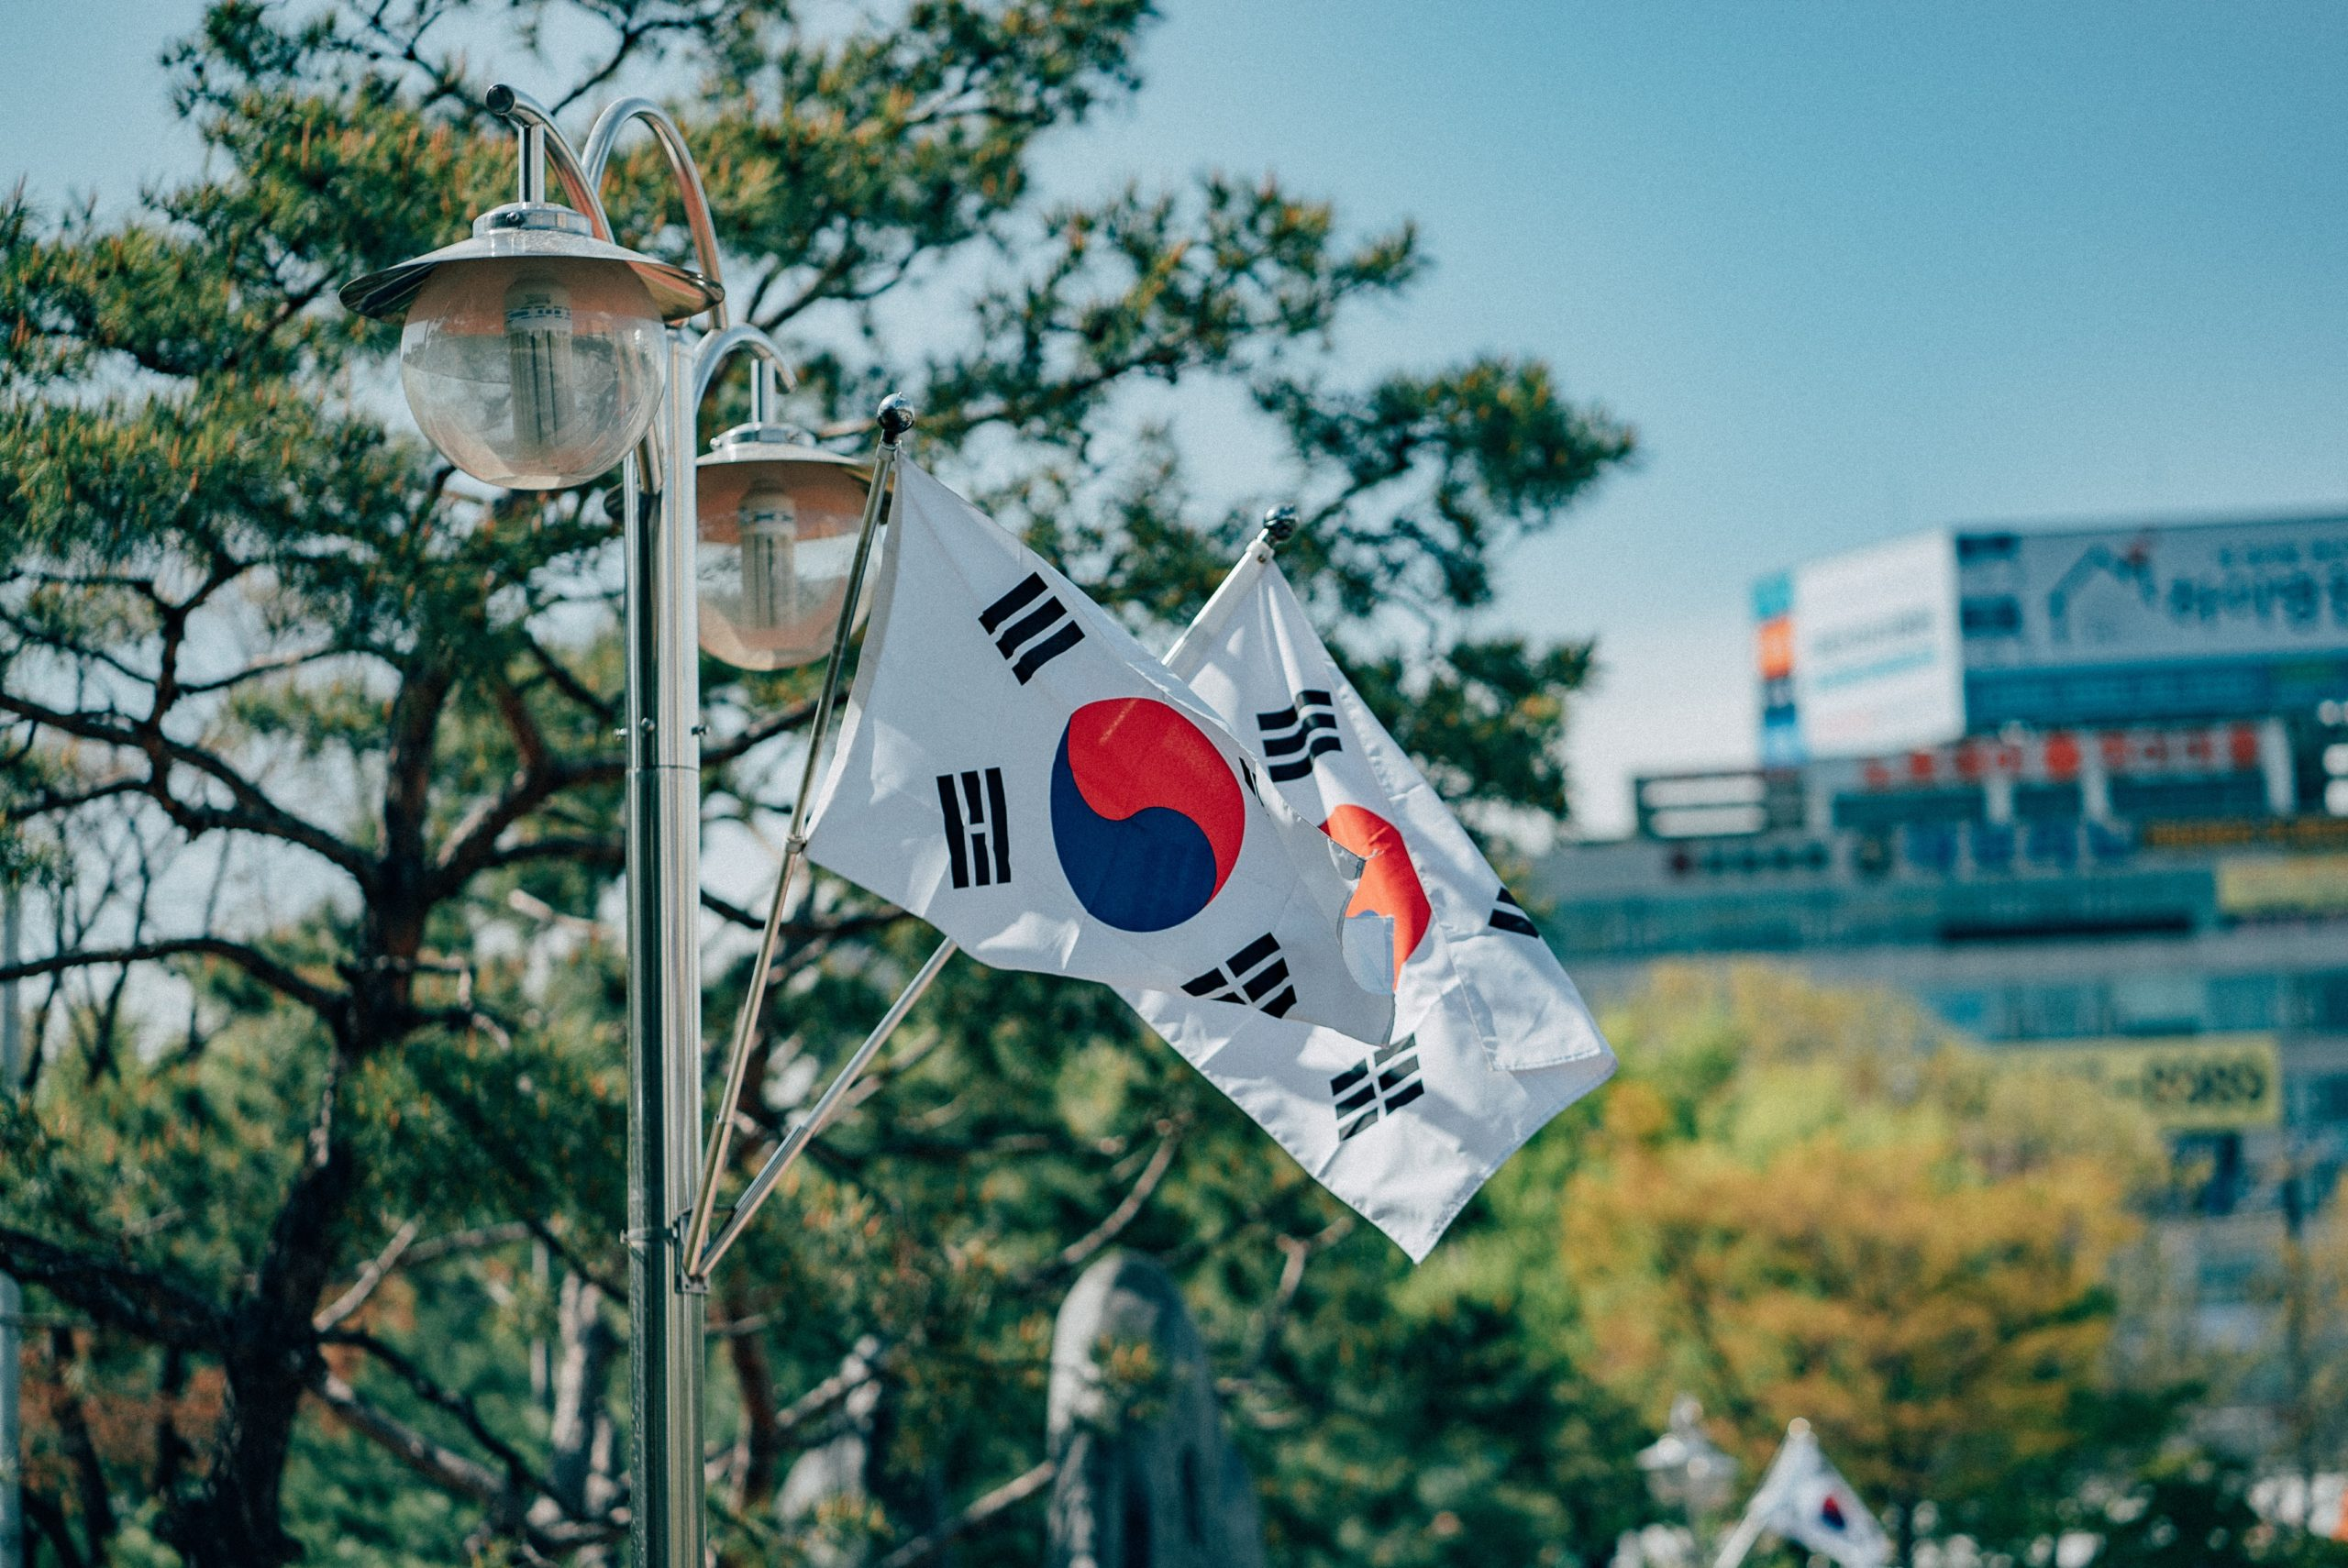 A 17° posição do ranking está ocupada pela Coreia do Sul, que já vacinou com as duas doses 20,04 milhões de pessoas. (Foto: Unsplash)